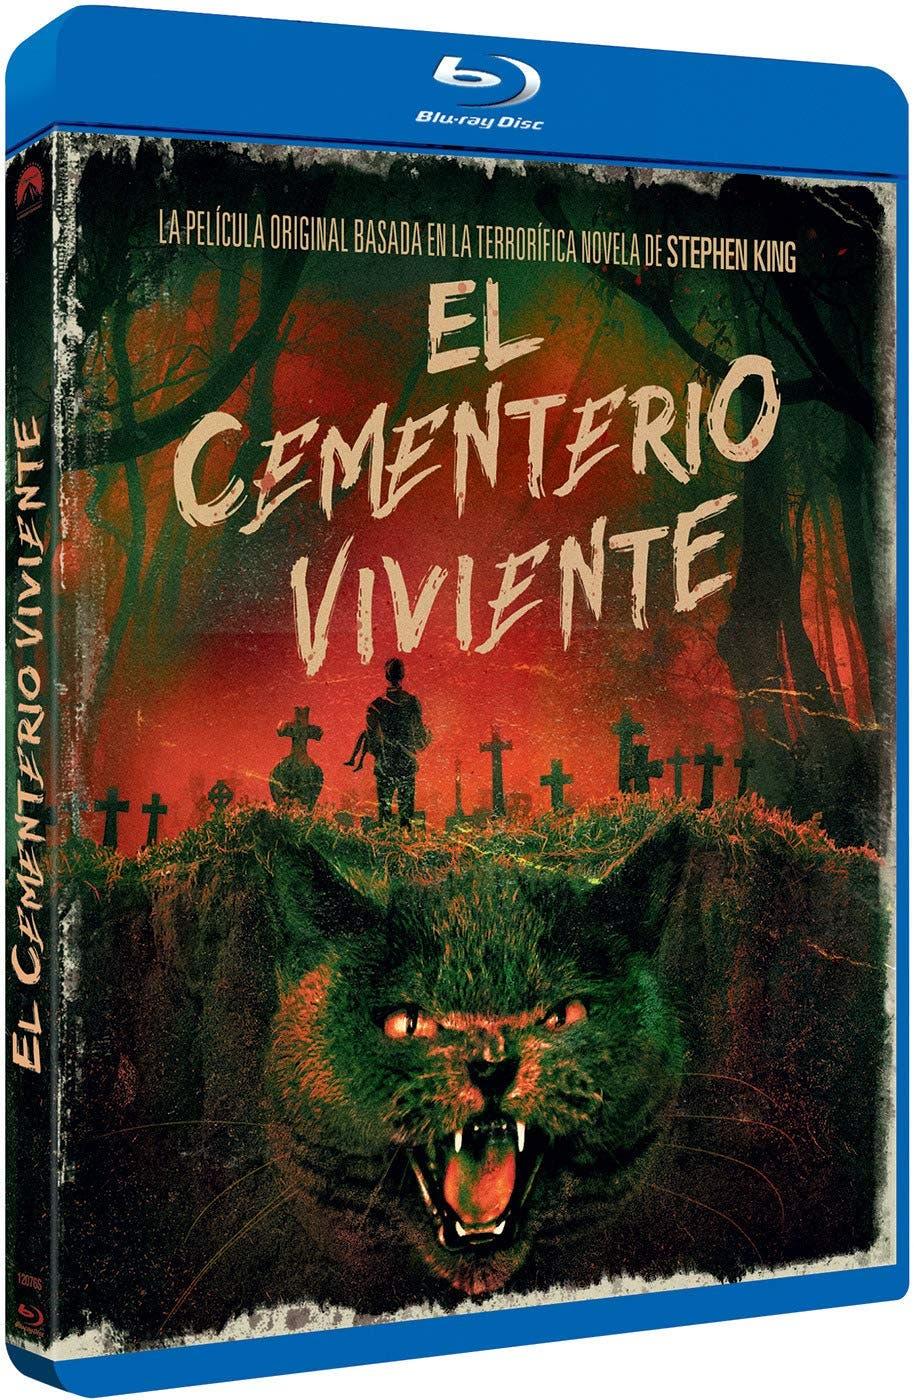 El cementerio viviente Blu-ray